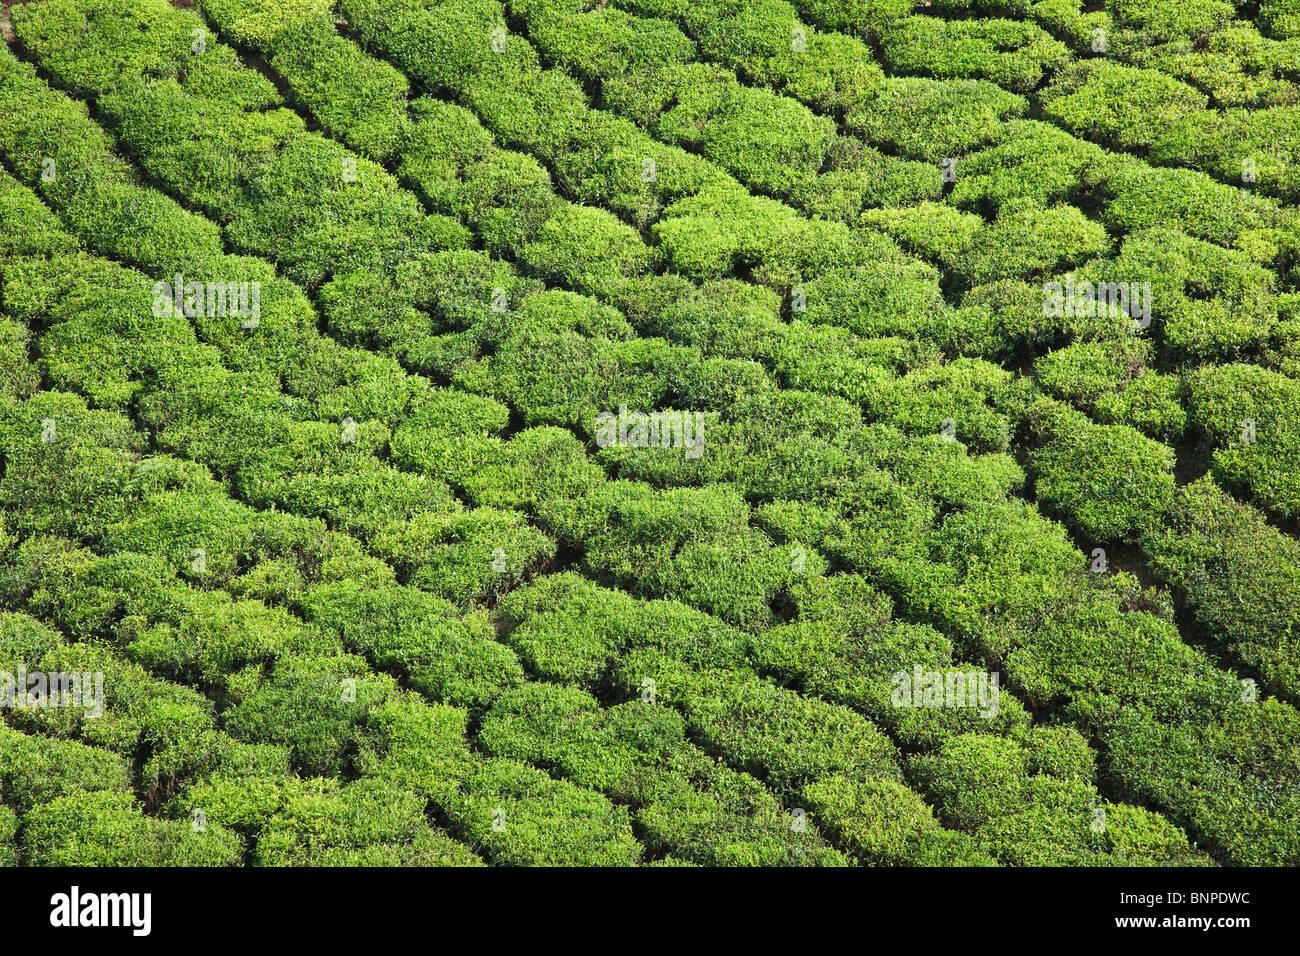 Munnar hat weitläufige Teeplantagen, wo die meisten des Tees ist immer noch von hand gepflückt Stockbild